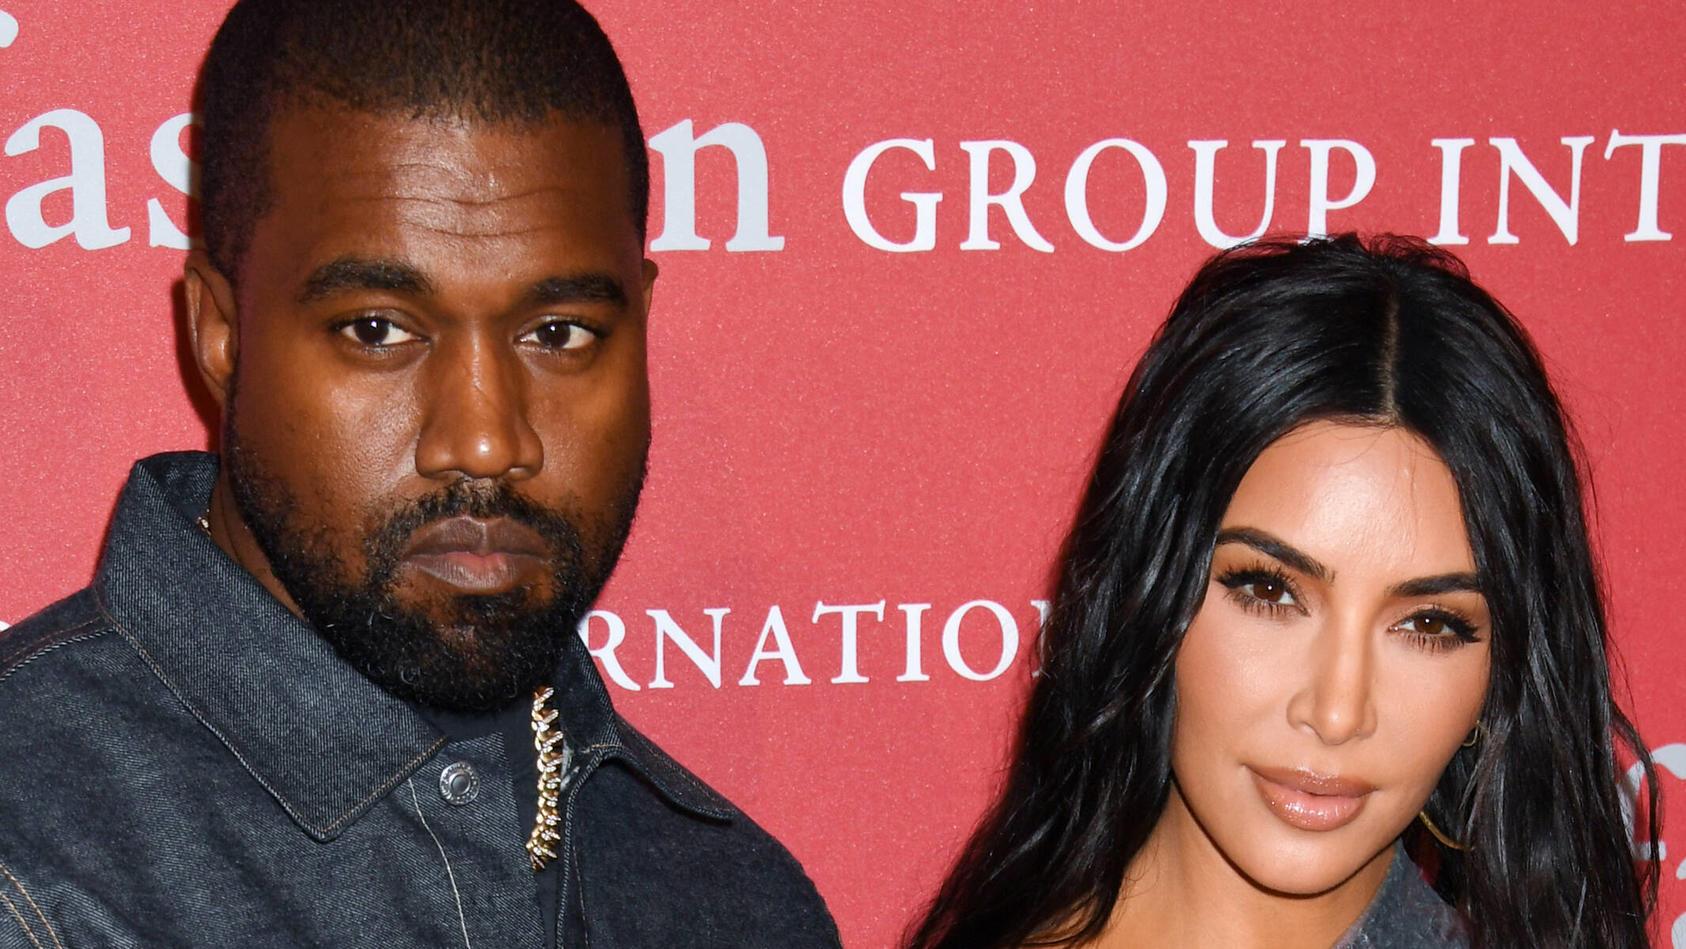 Kanye West und Kim Kardashian West bei einem Event 2019